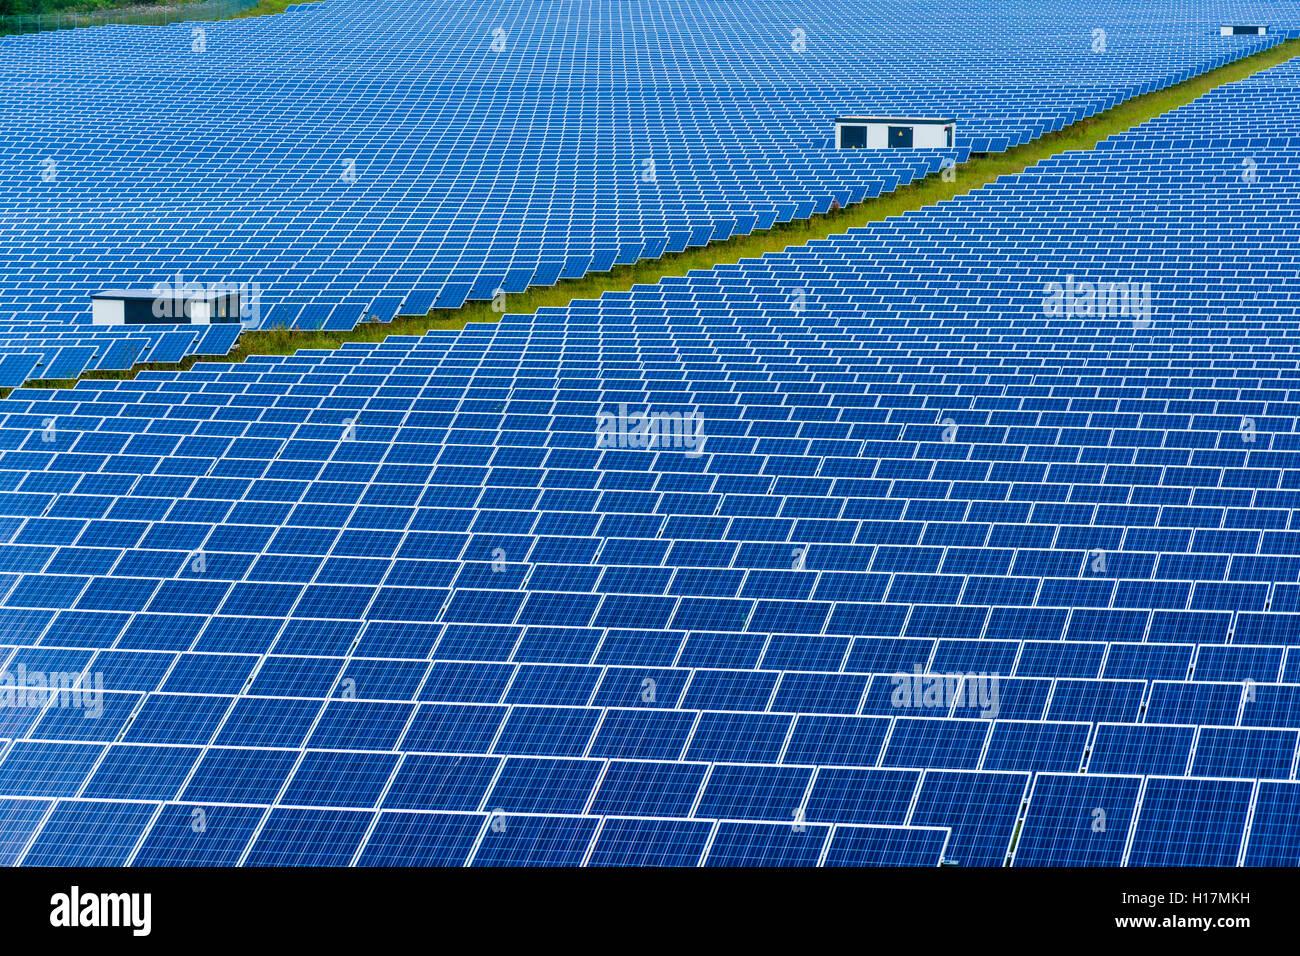 De nombreux panneaux solaires photovolta que font partie d'une grande centrale solaire, Buckendorf, Bavière, Photo Stock